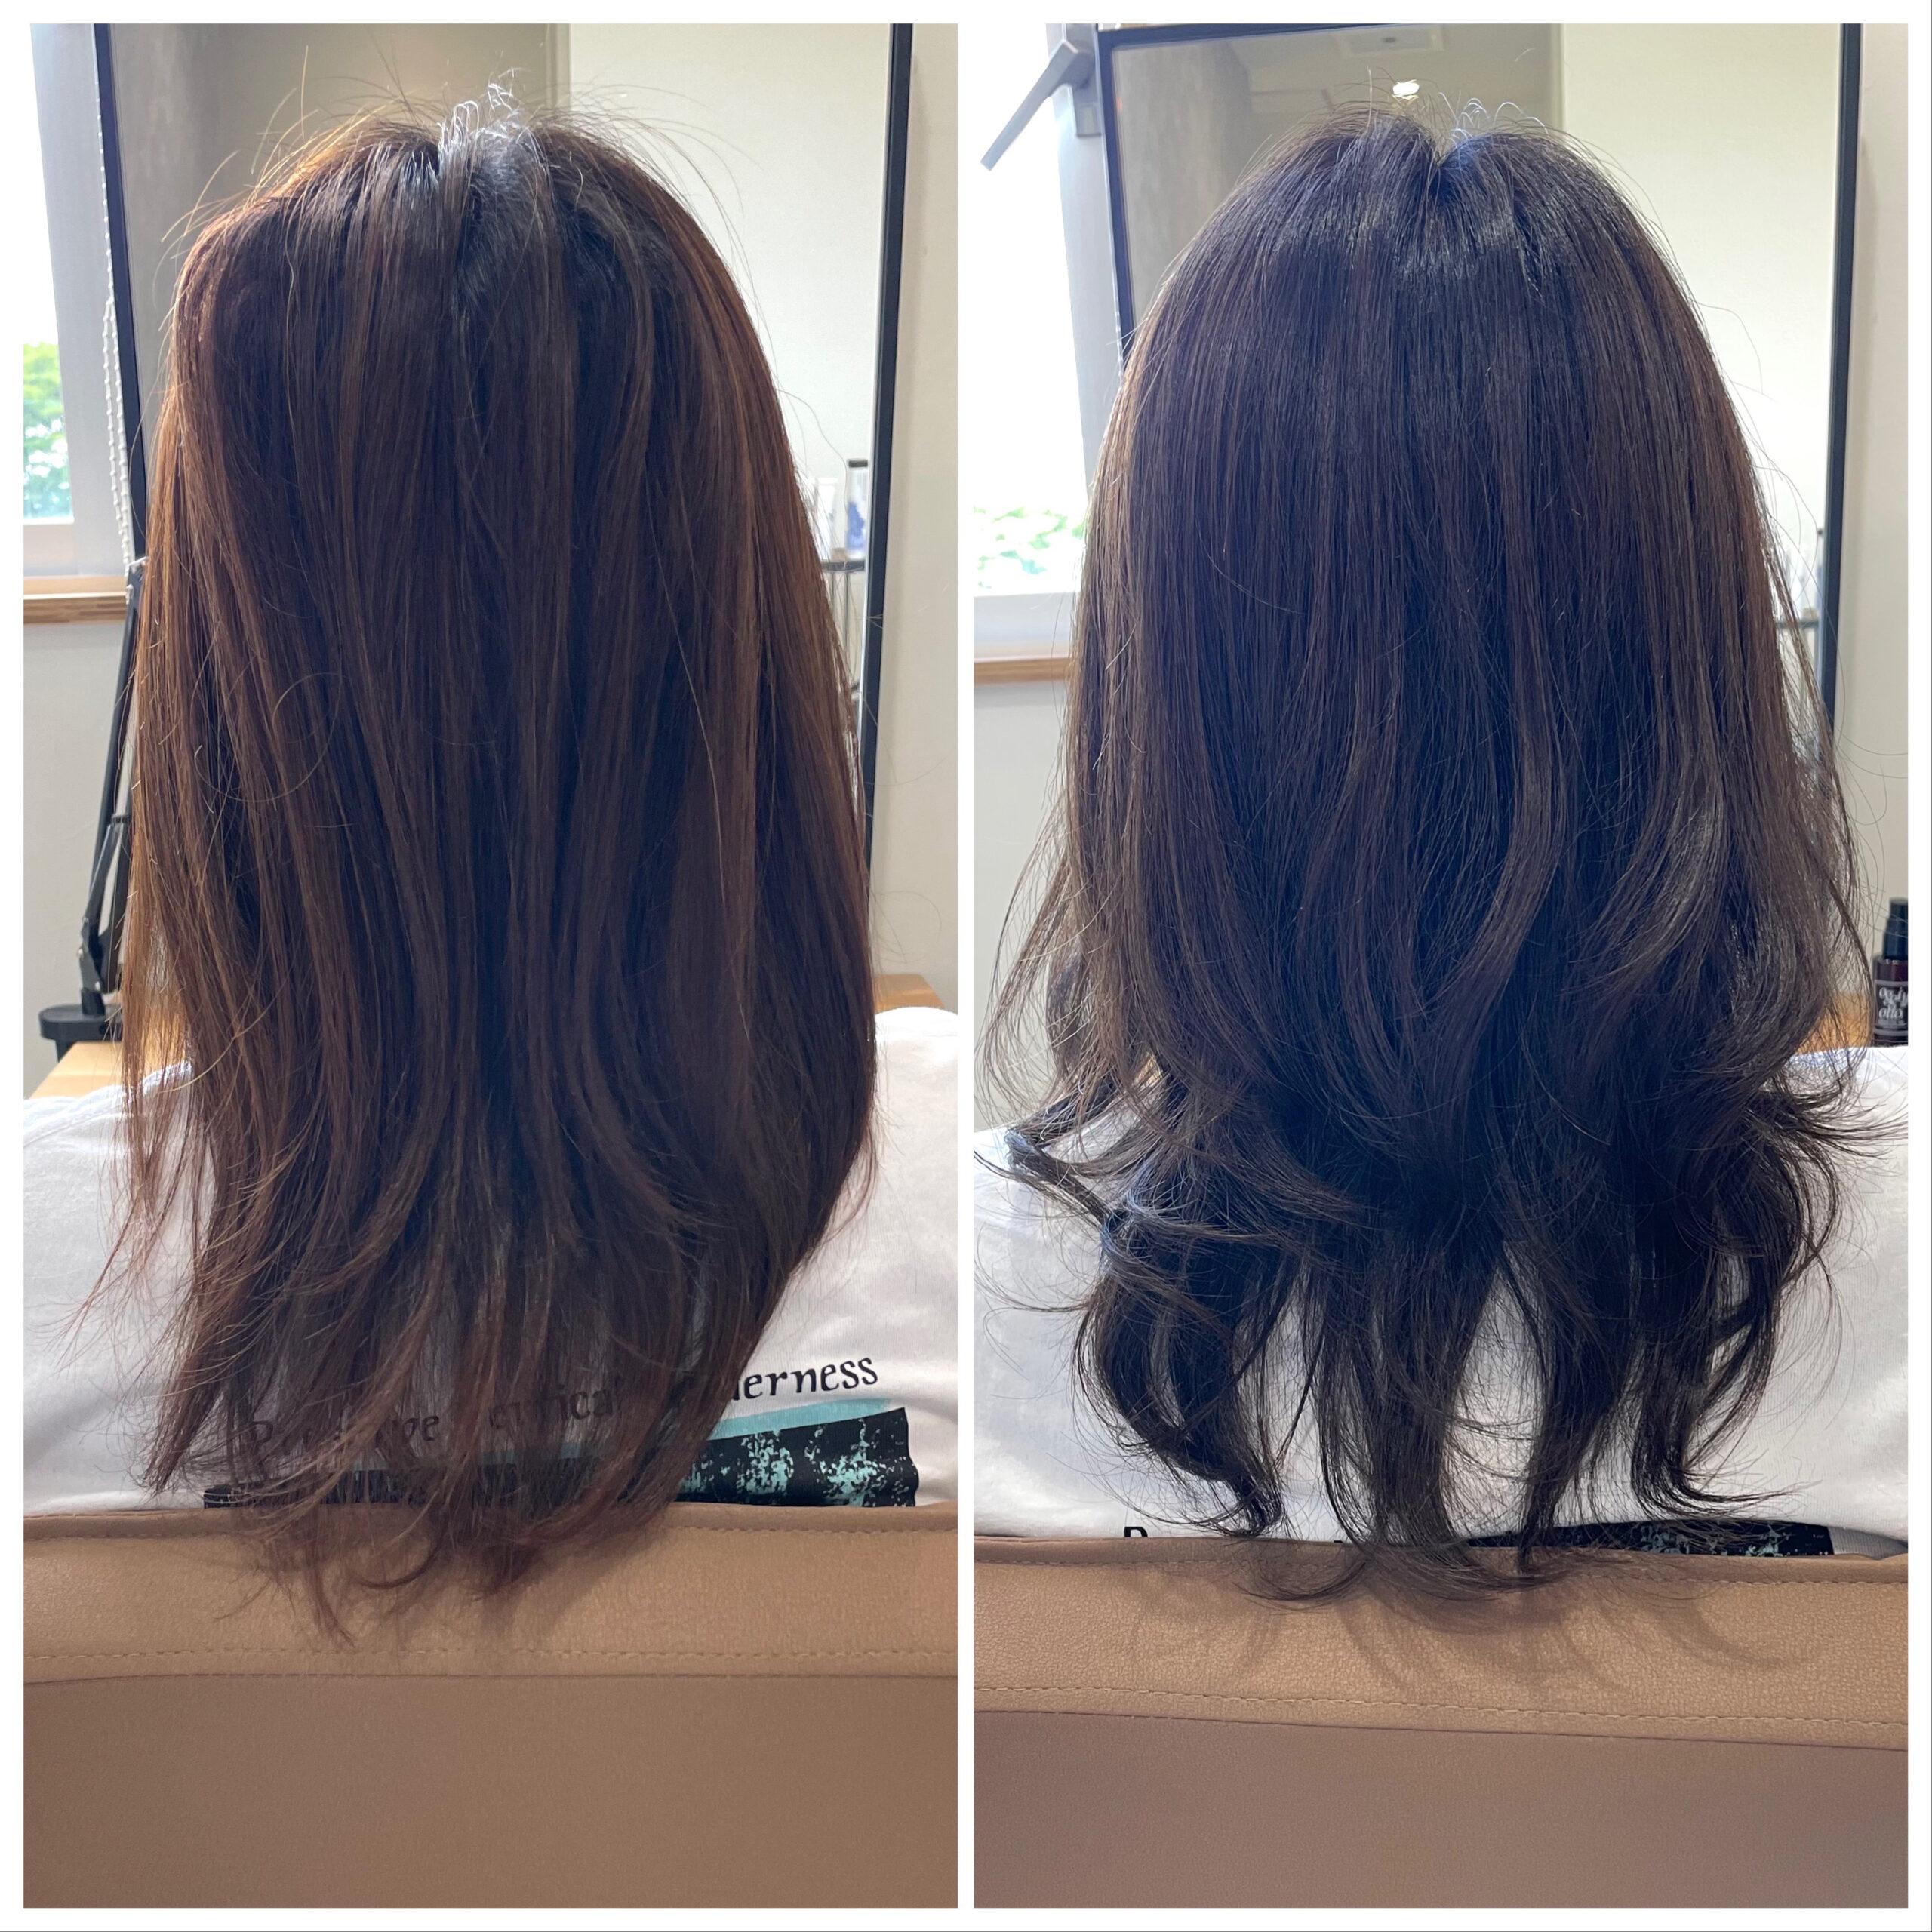 大分県別府市 明るく抜けやすい髪質の方にオススメのヘアカラー『暗めアッシュグレージュ』 ビフォーアフター